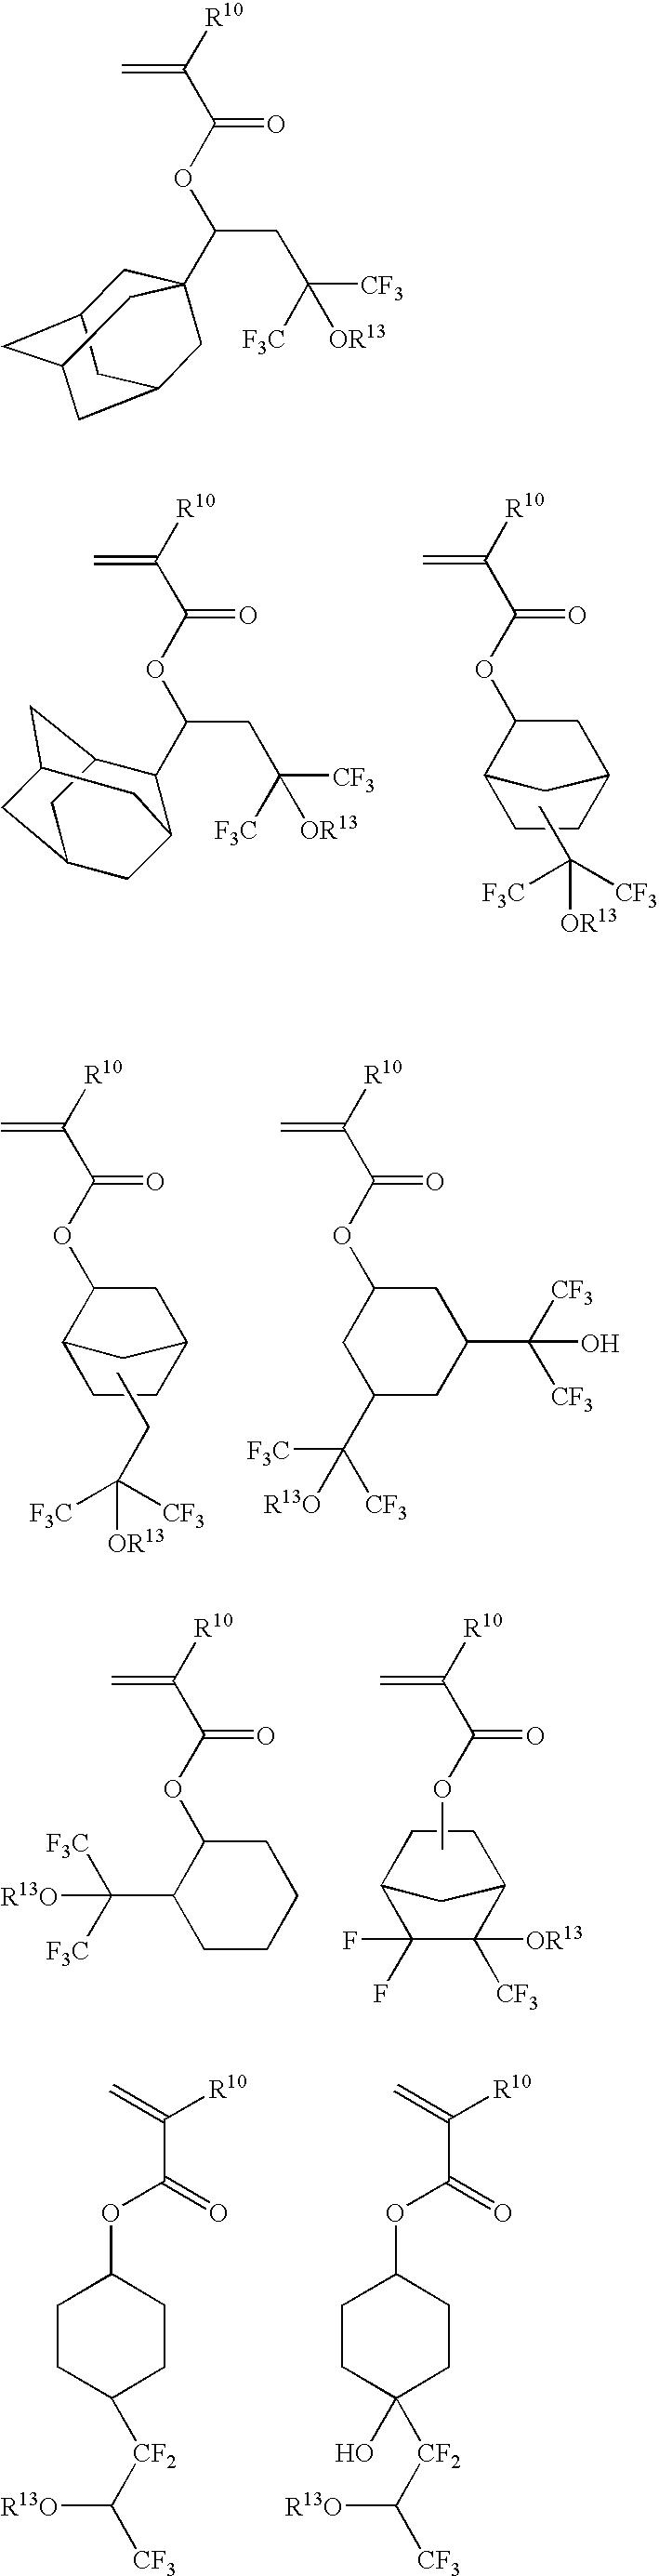 Figure US20090011365A1-20090108-C00026